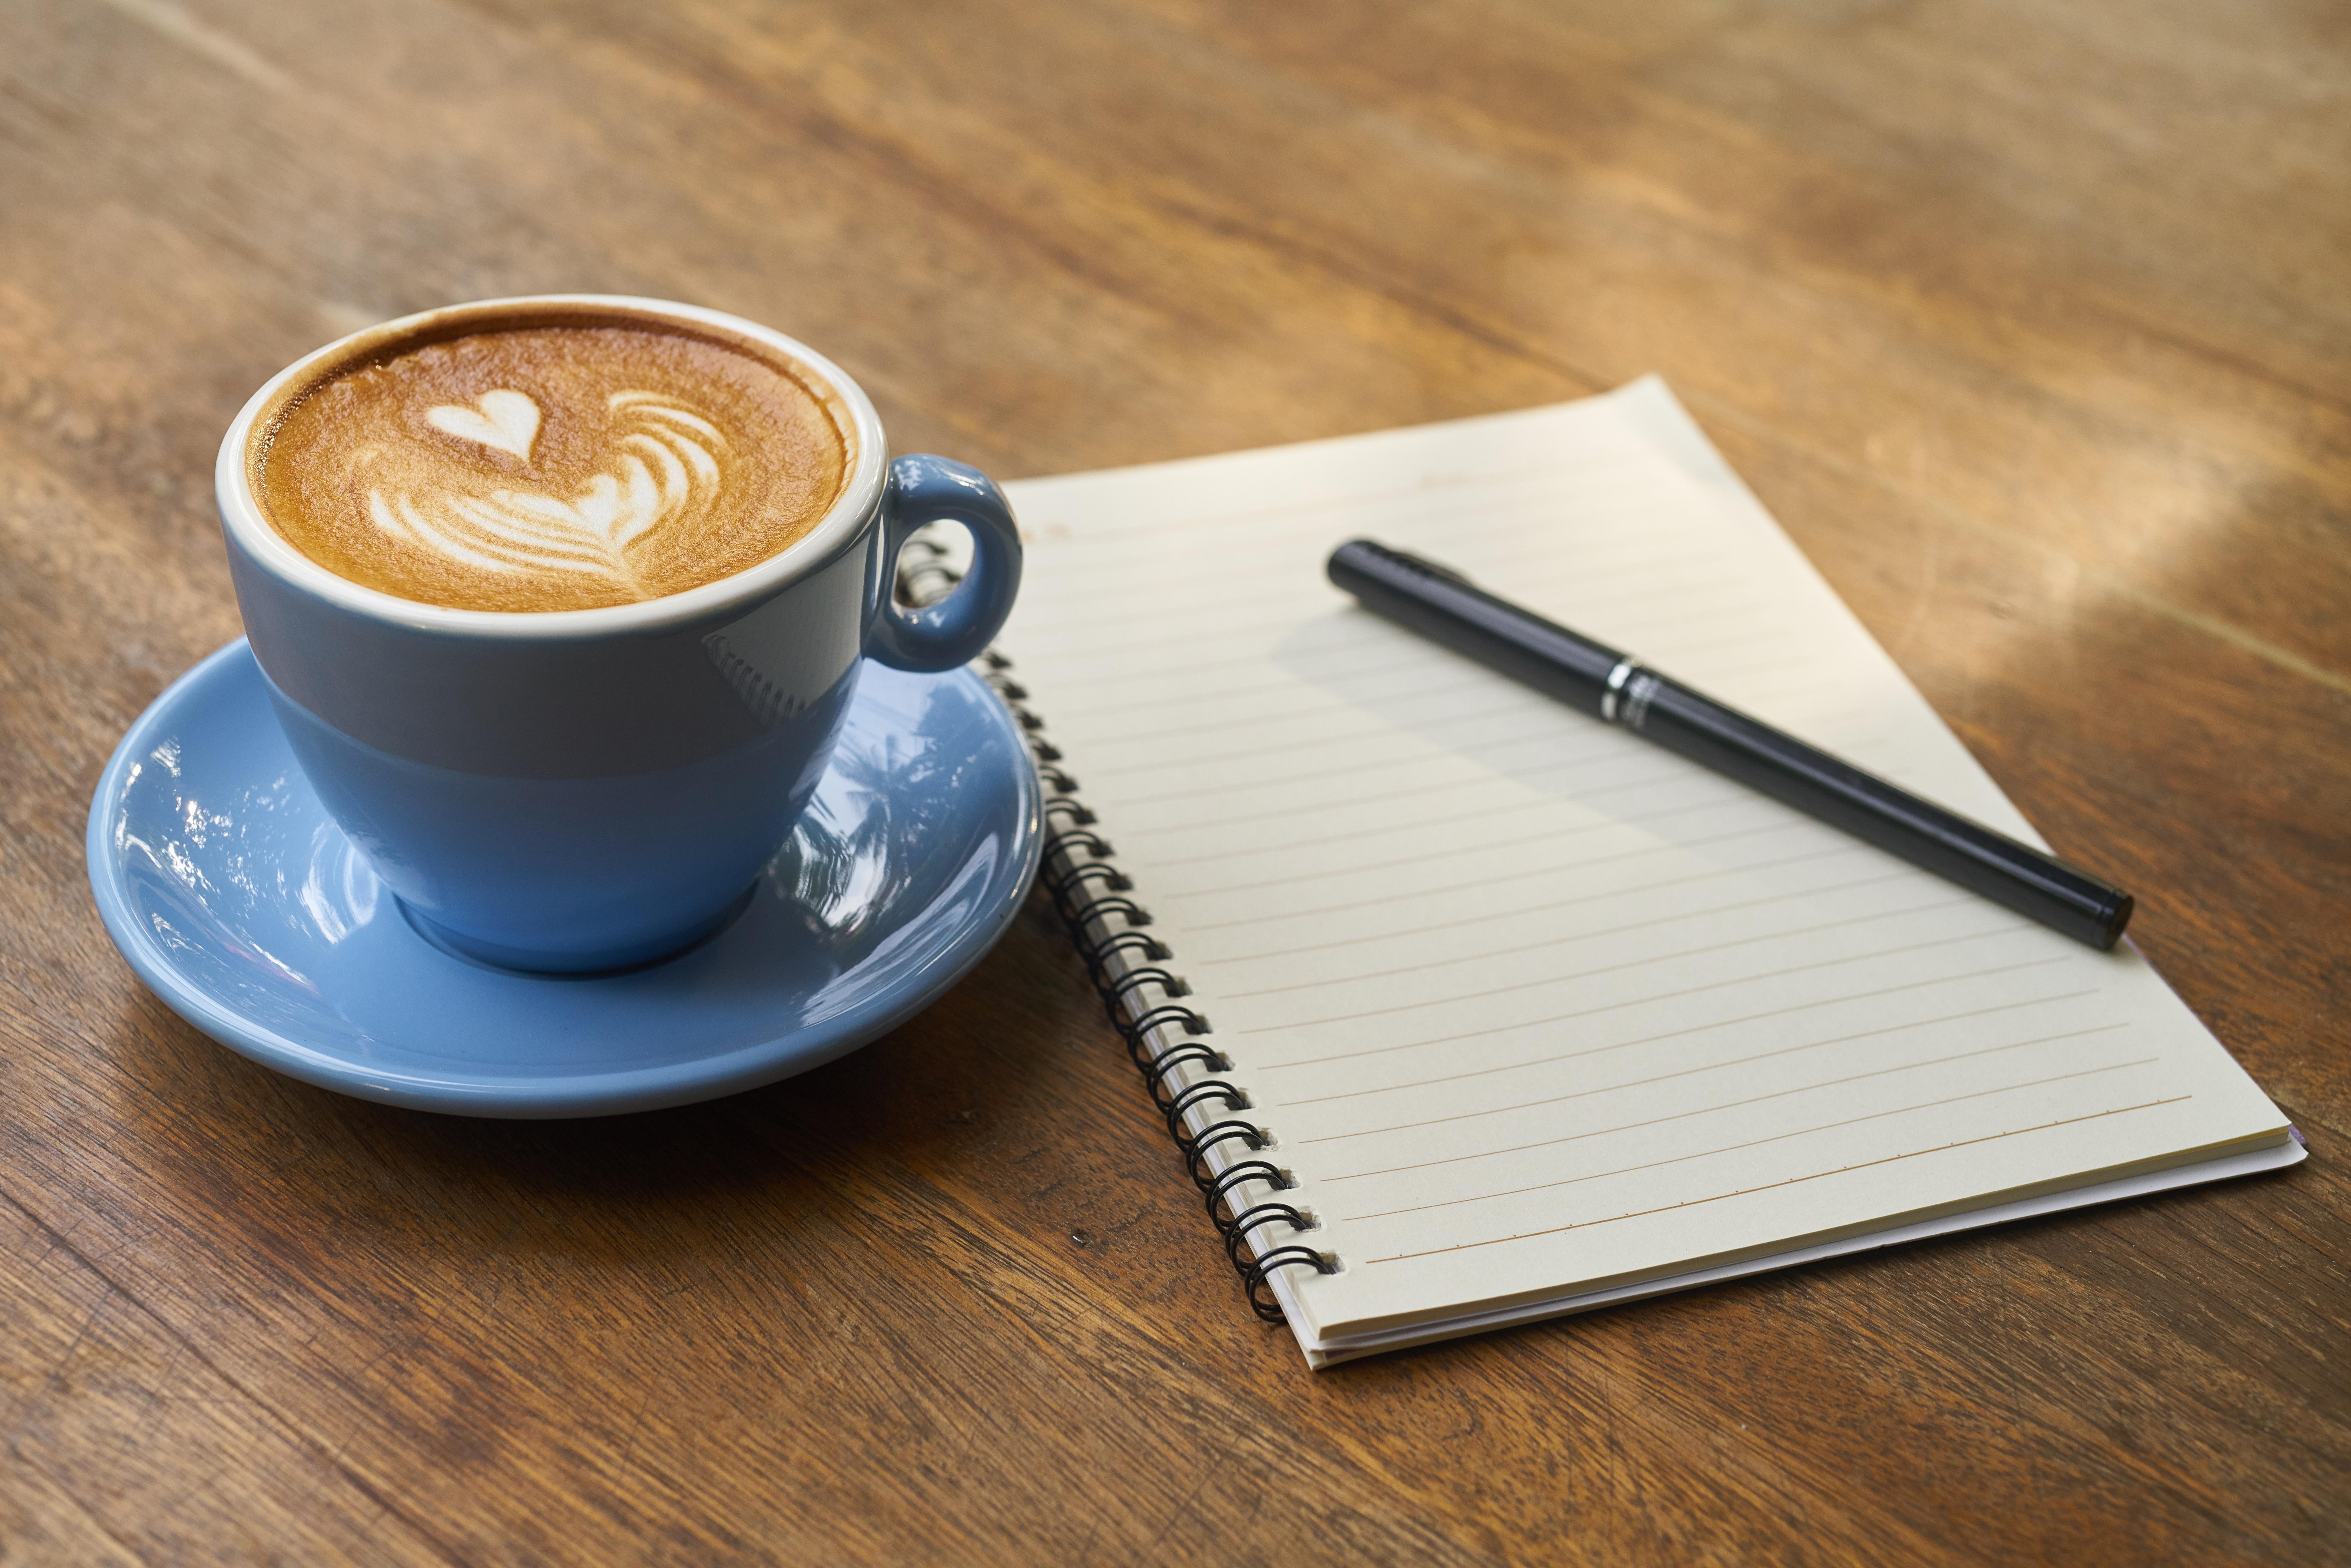 Immagini belle : taccuino tavolo libro leggere bar fotografia